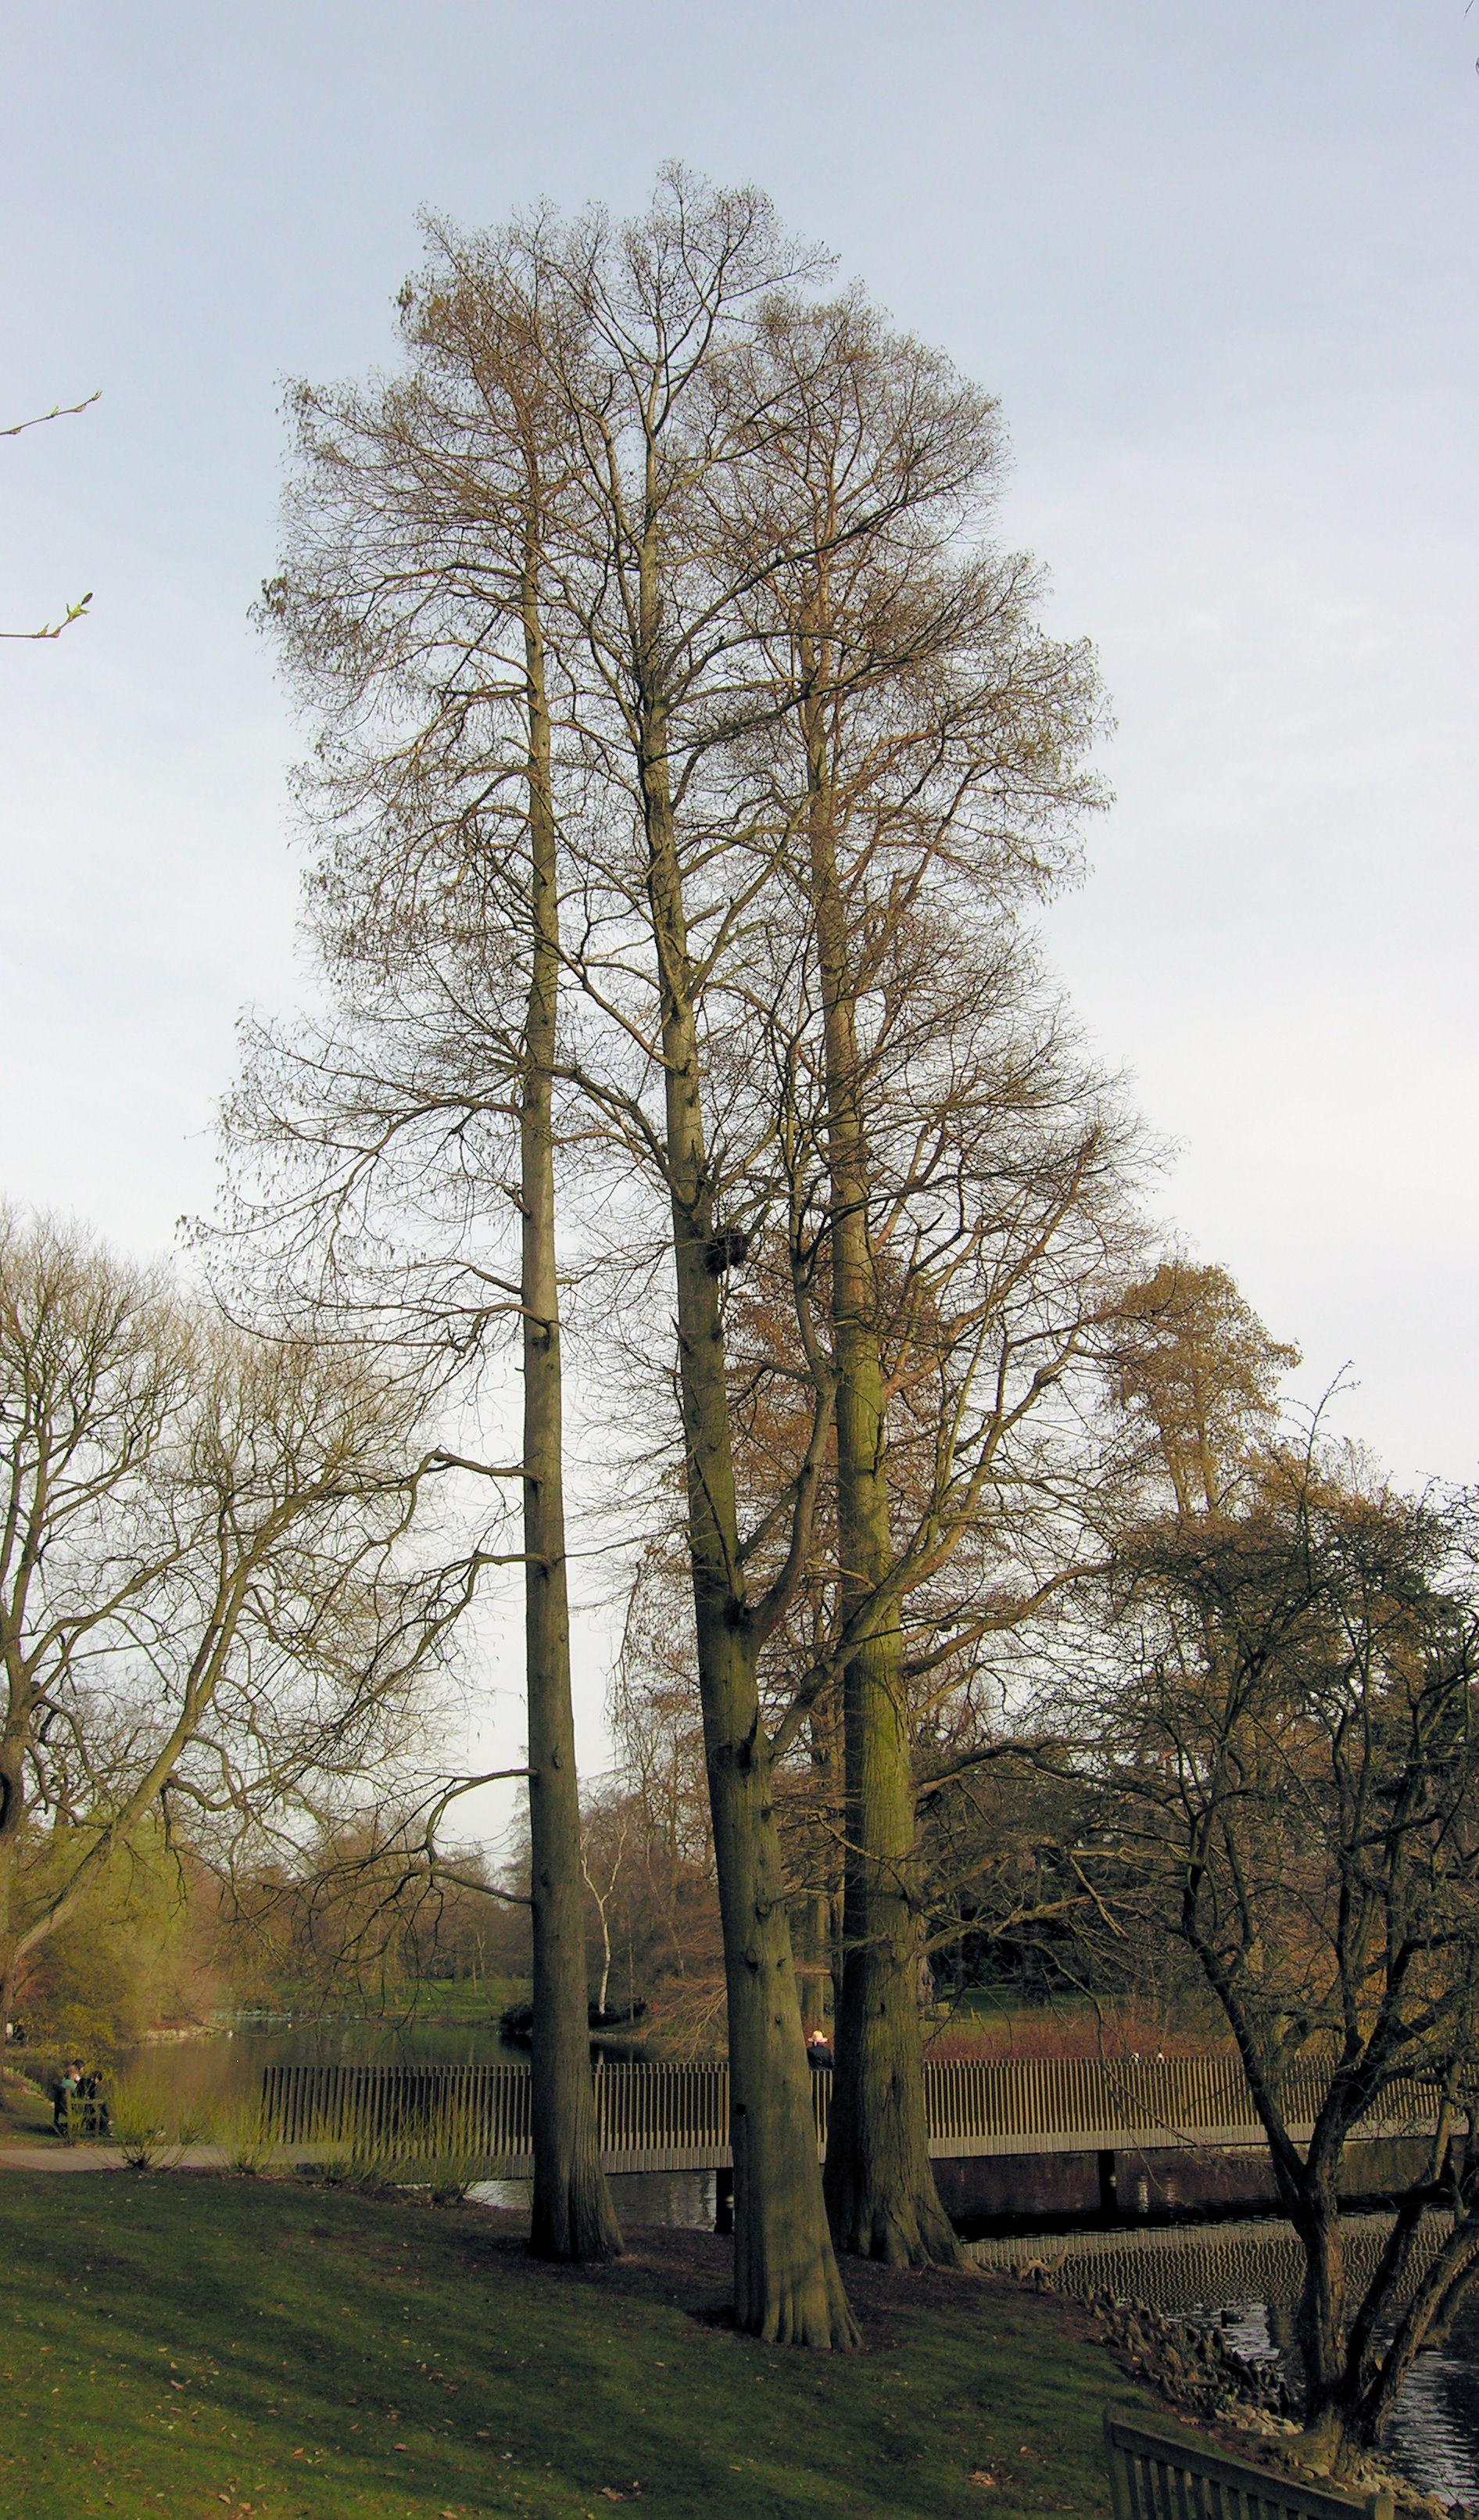 © Dipartimento di Scienze della Vita, Università degli Studi di Trieste<br>by Andrea Moro<br>Richmond-upon-Thames, Royal Botanic Gardens, Kew, United Kingdom, 15/03/2009<br>Distributed under CC-BY-SA 4.0 license.